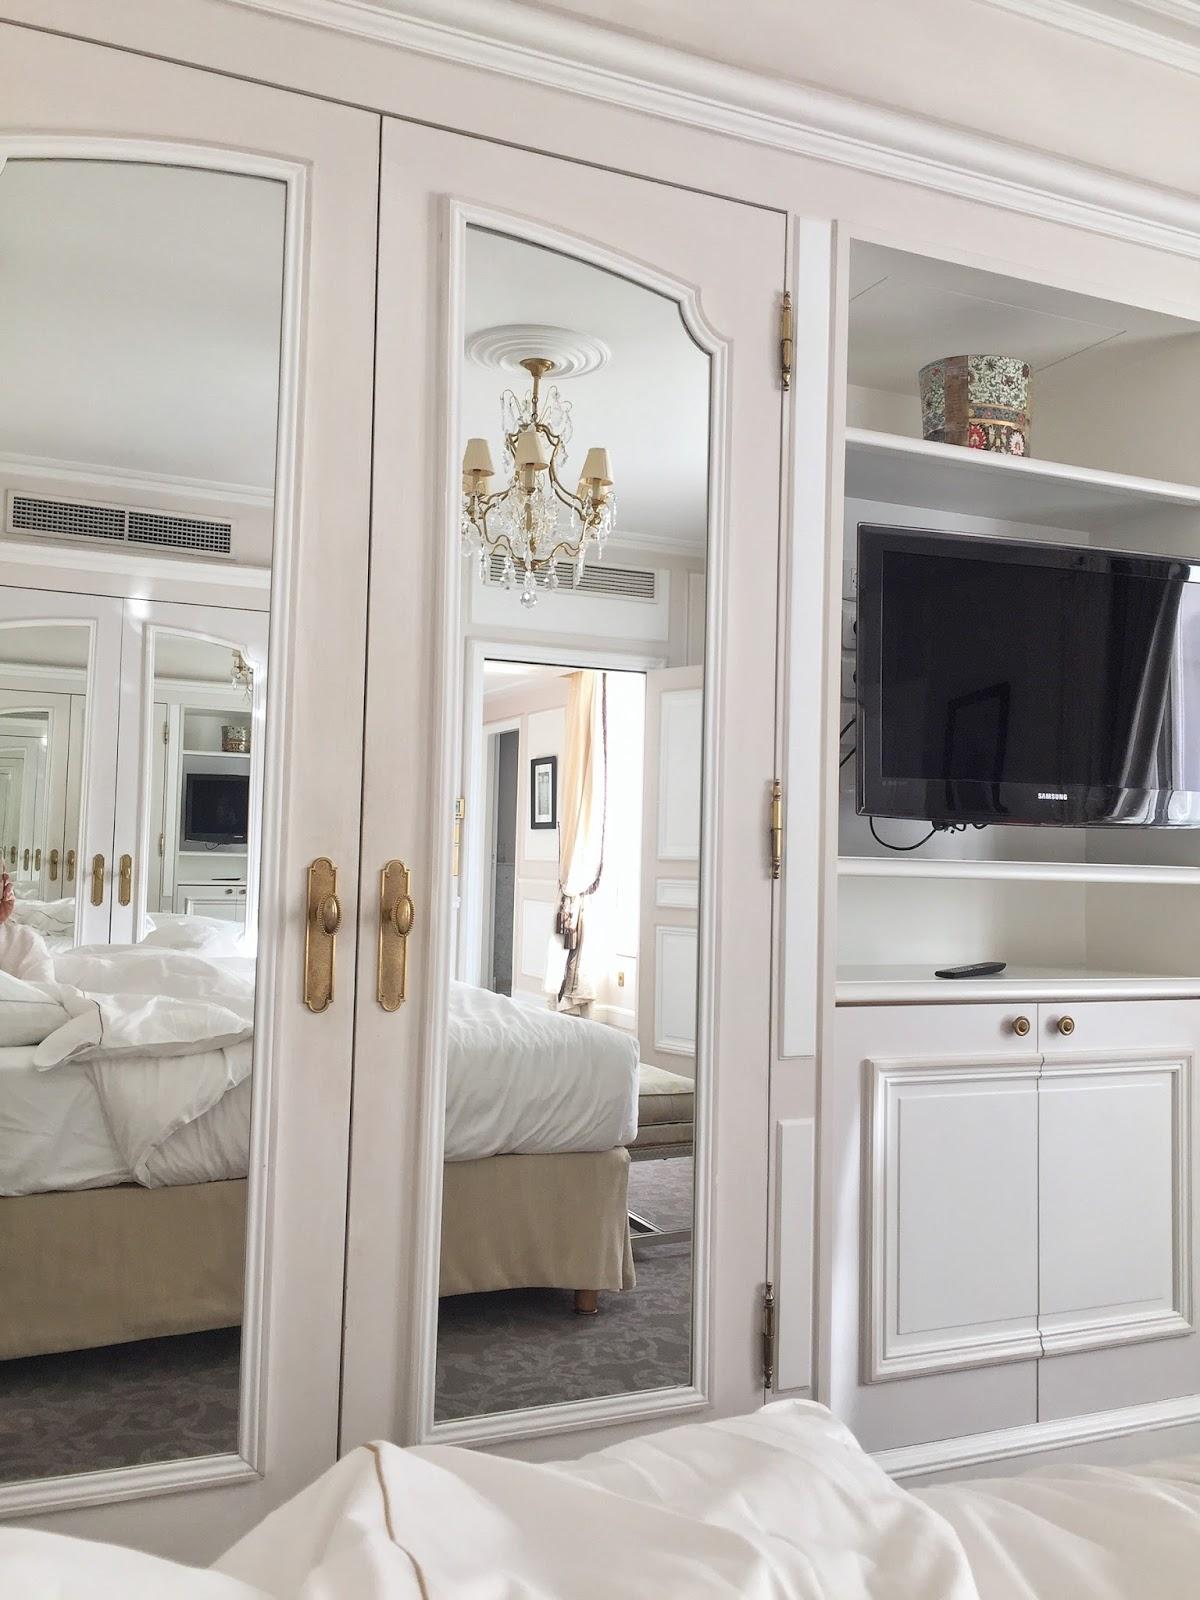 Le Meurice hotel review paris vancouver travel blogger